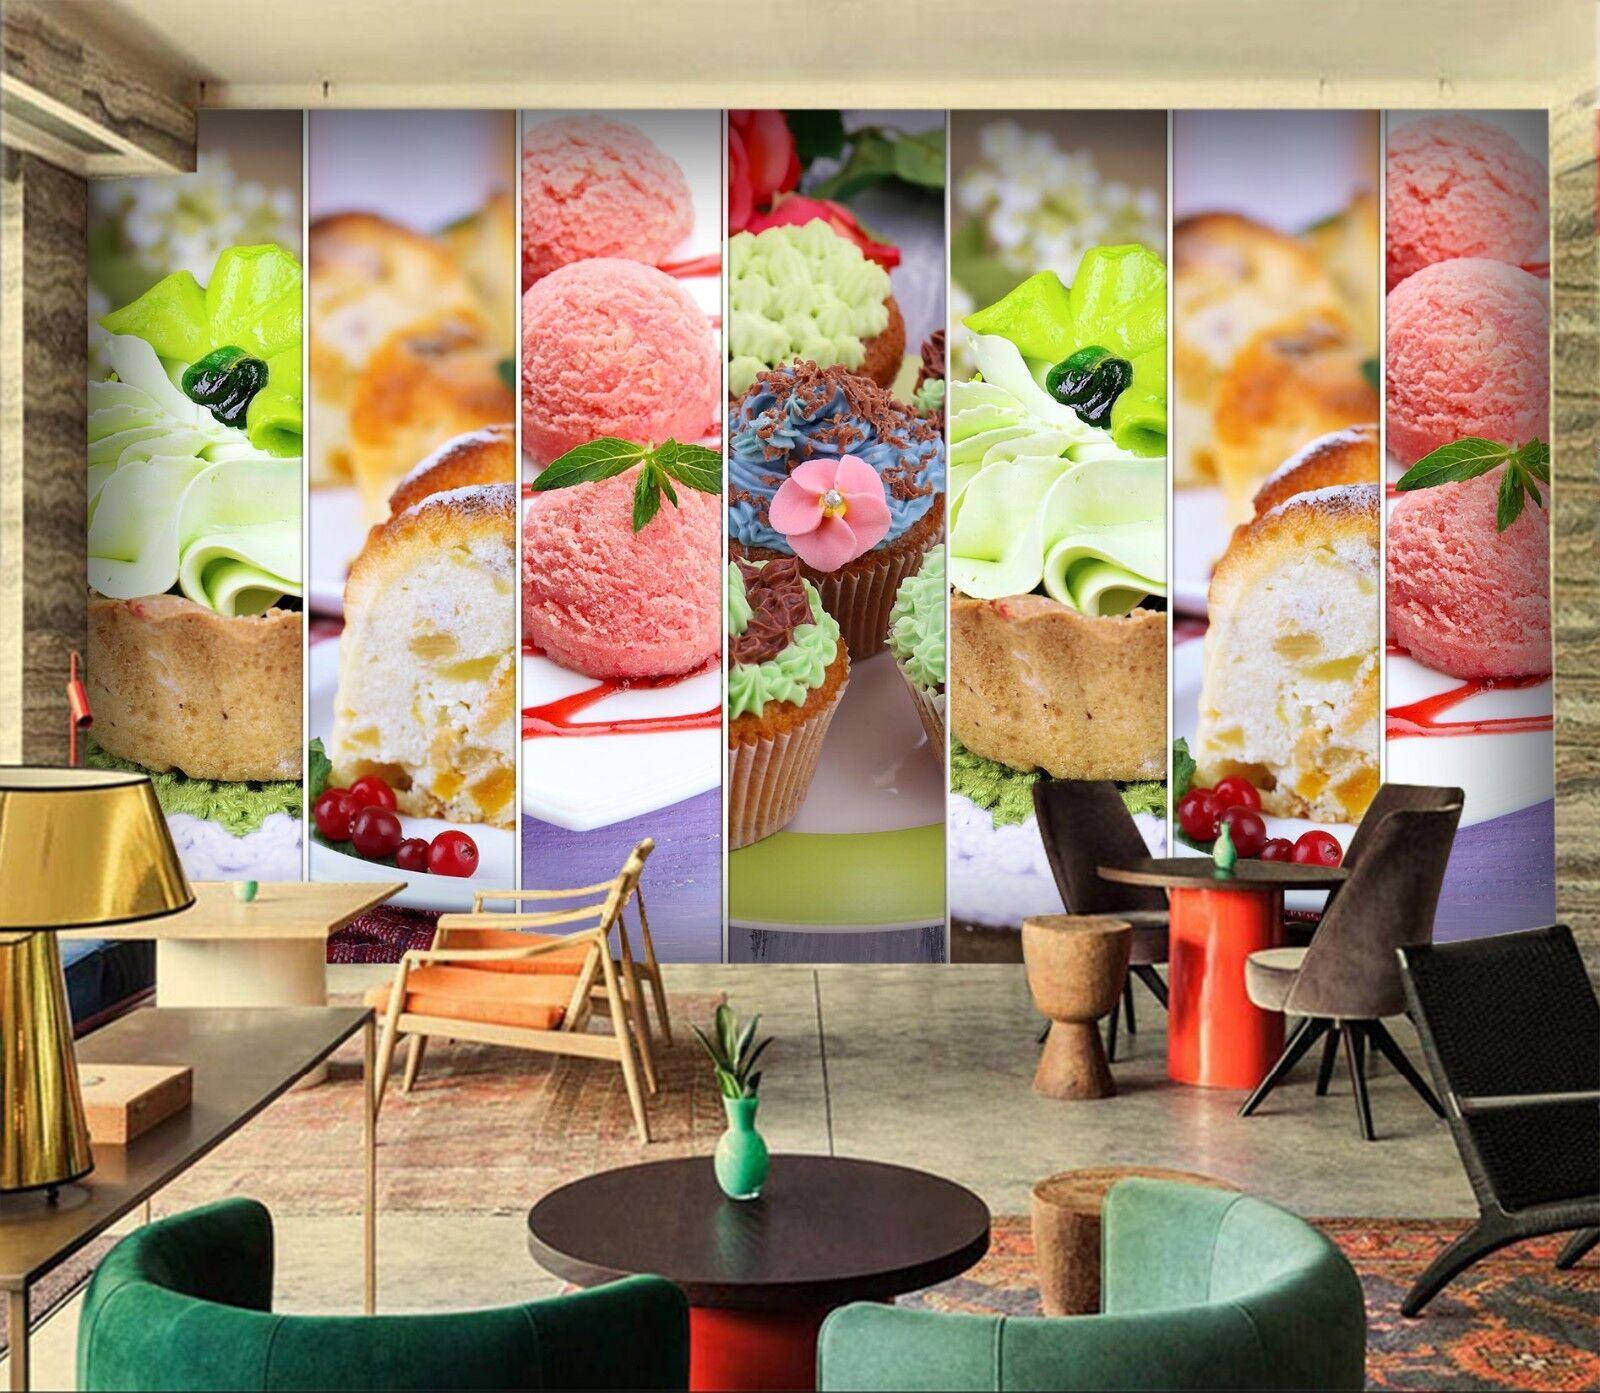 3D Food Dessert 7198 Wallpaper Mural Wall Print Wall Wallpaper Murals US Lemon